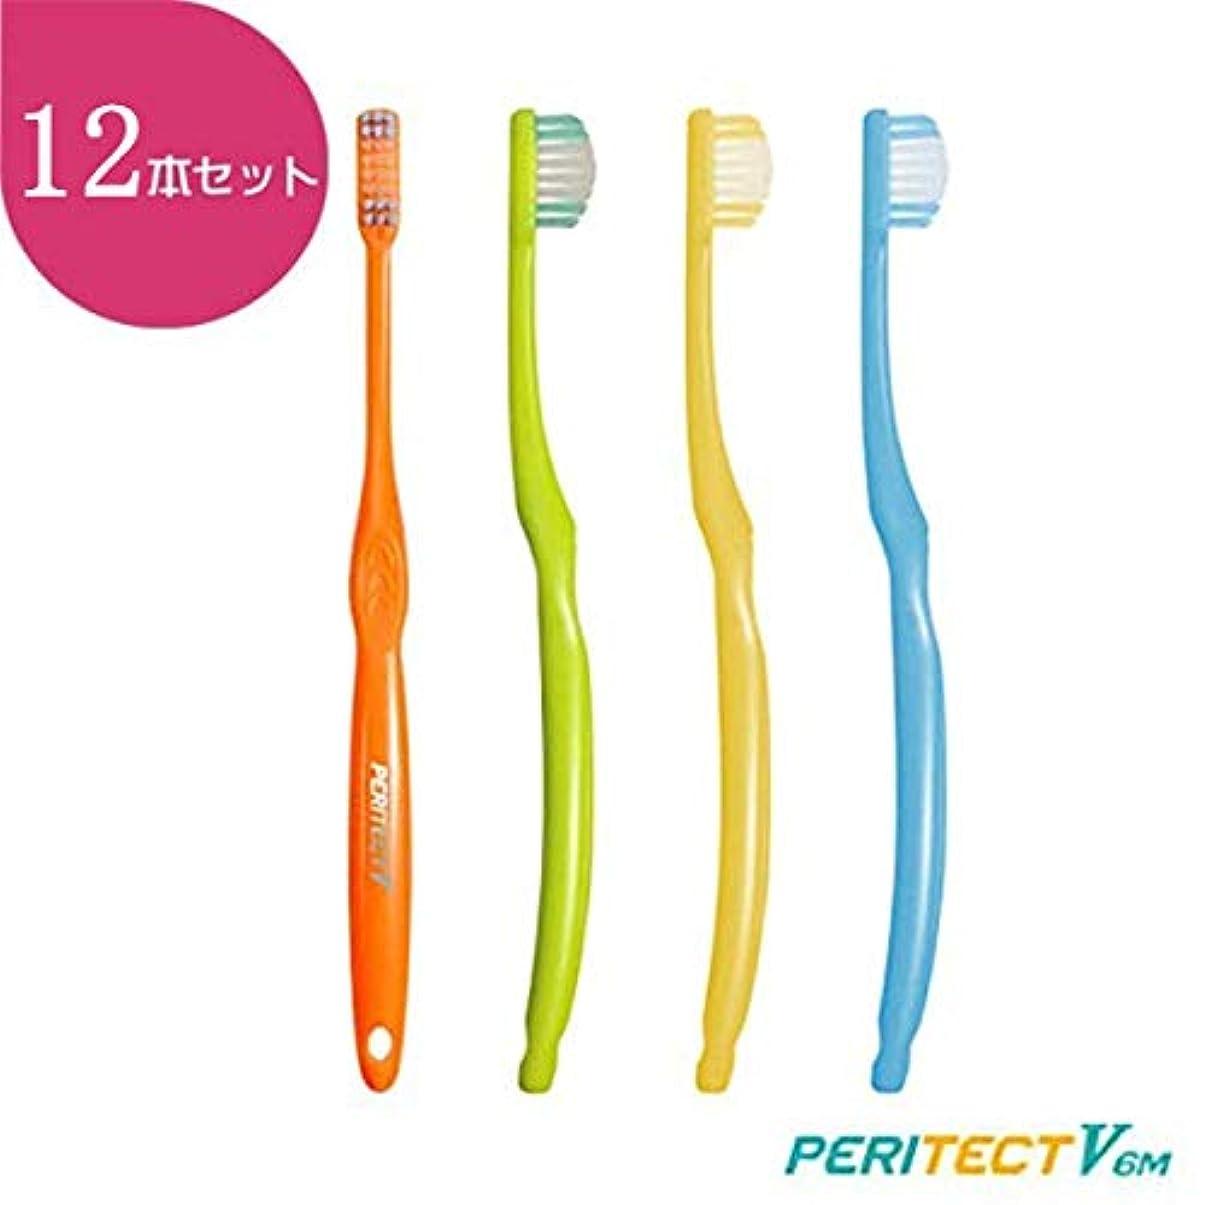 厄介なトロイの木馬破壊的ビーブランド PERITECT V ペリテクト ブイ 6M(やわらかめ)×12本 歯ブラシ 歯科専売品